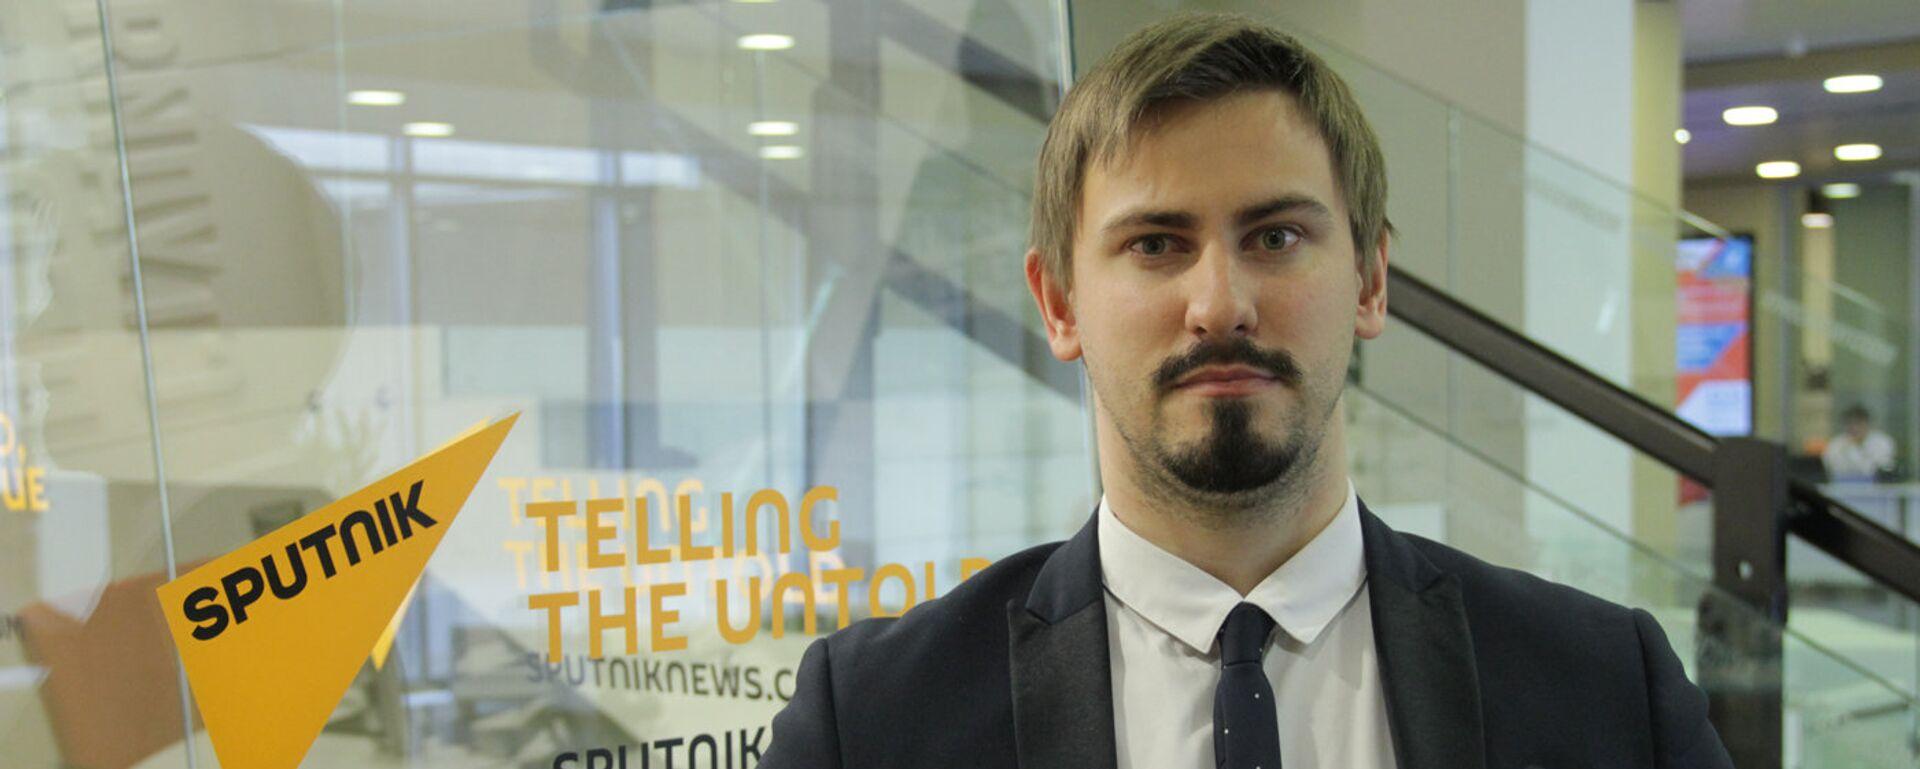 Политолог Никита Данюк - Sputnik Латвия, 1920, 27.01.2018